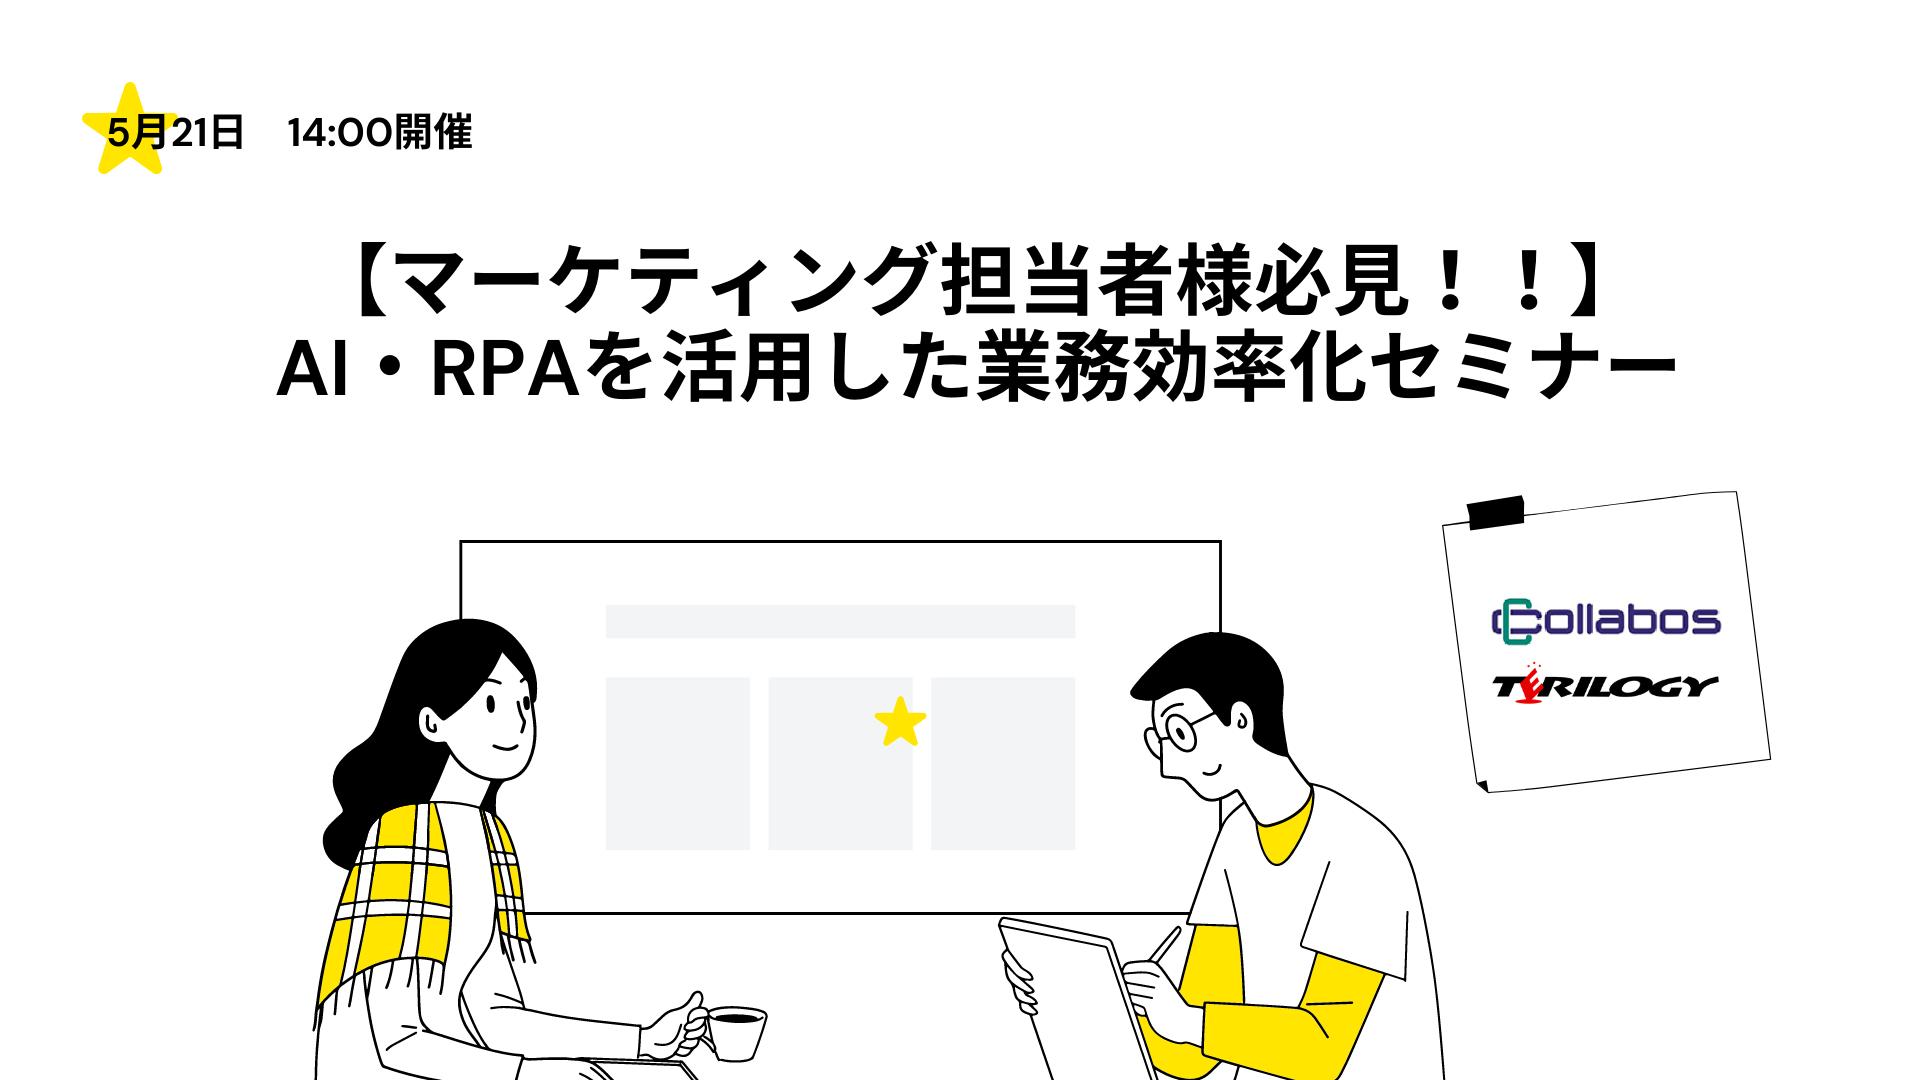 <受付終了>【マーケティング担当者様必見!!】AI・RPAを活用した業務効率化セミナーのサムネイル